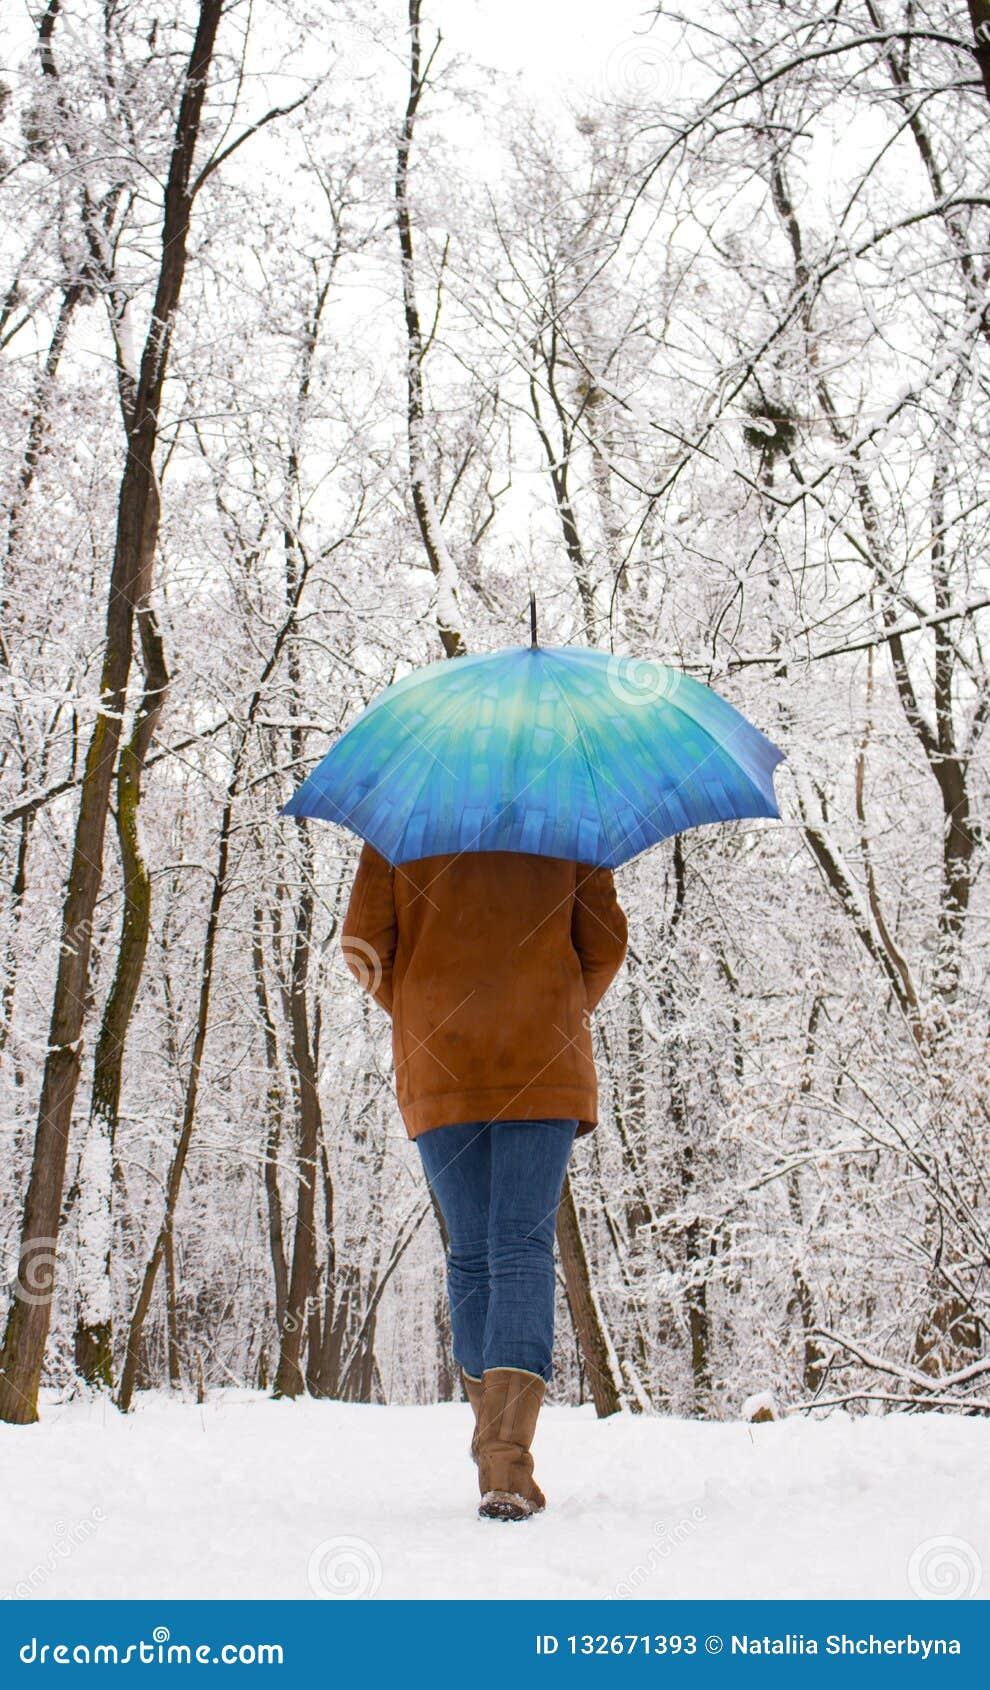 Menina sob o guarda-chuva azul no conceito nevado da queda de neve da floresta Mulher sob a chuva molhada da neve no parque do in